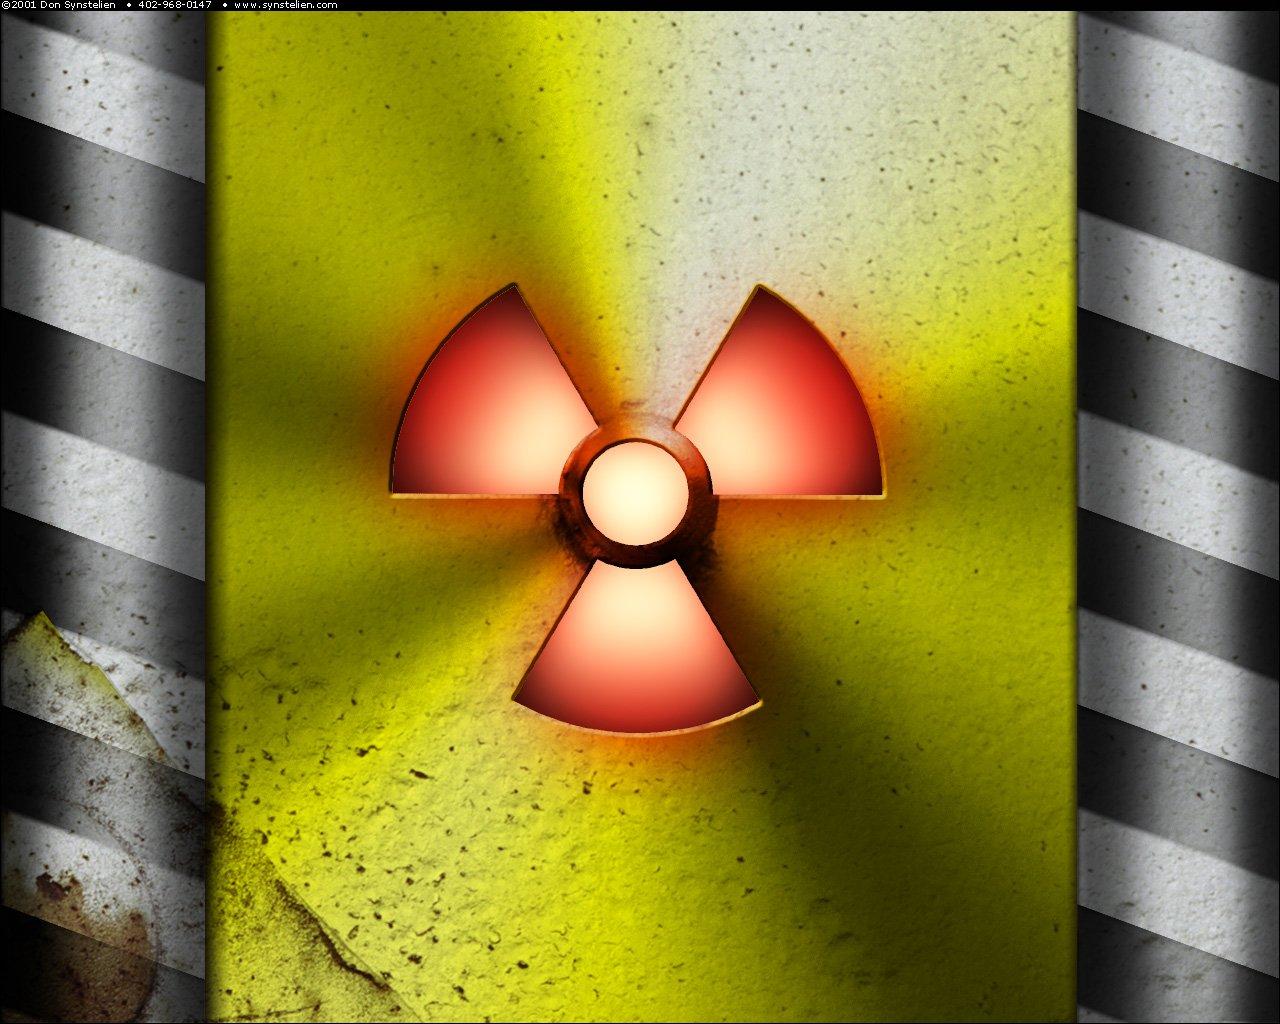 Radyasyon Havada Dağılır mı?